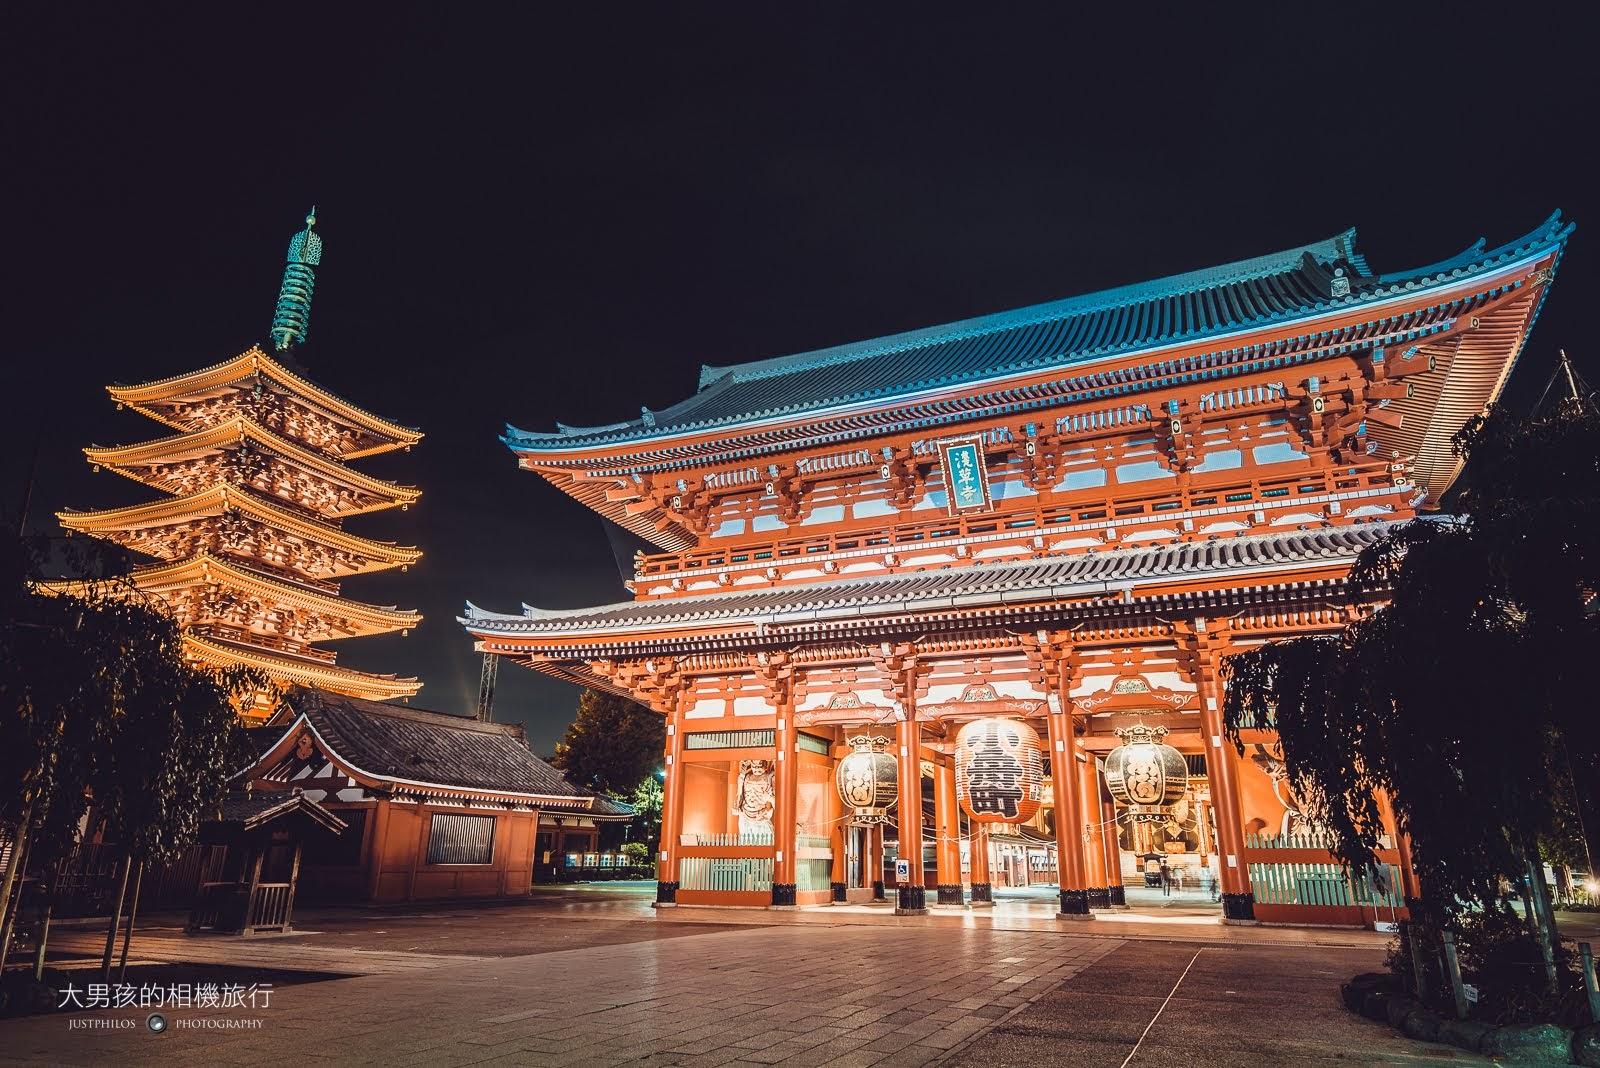 淺草寺寶藏門與五重塔,在夜晚有不同的景色。